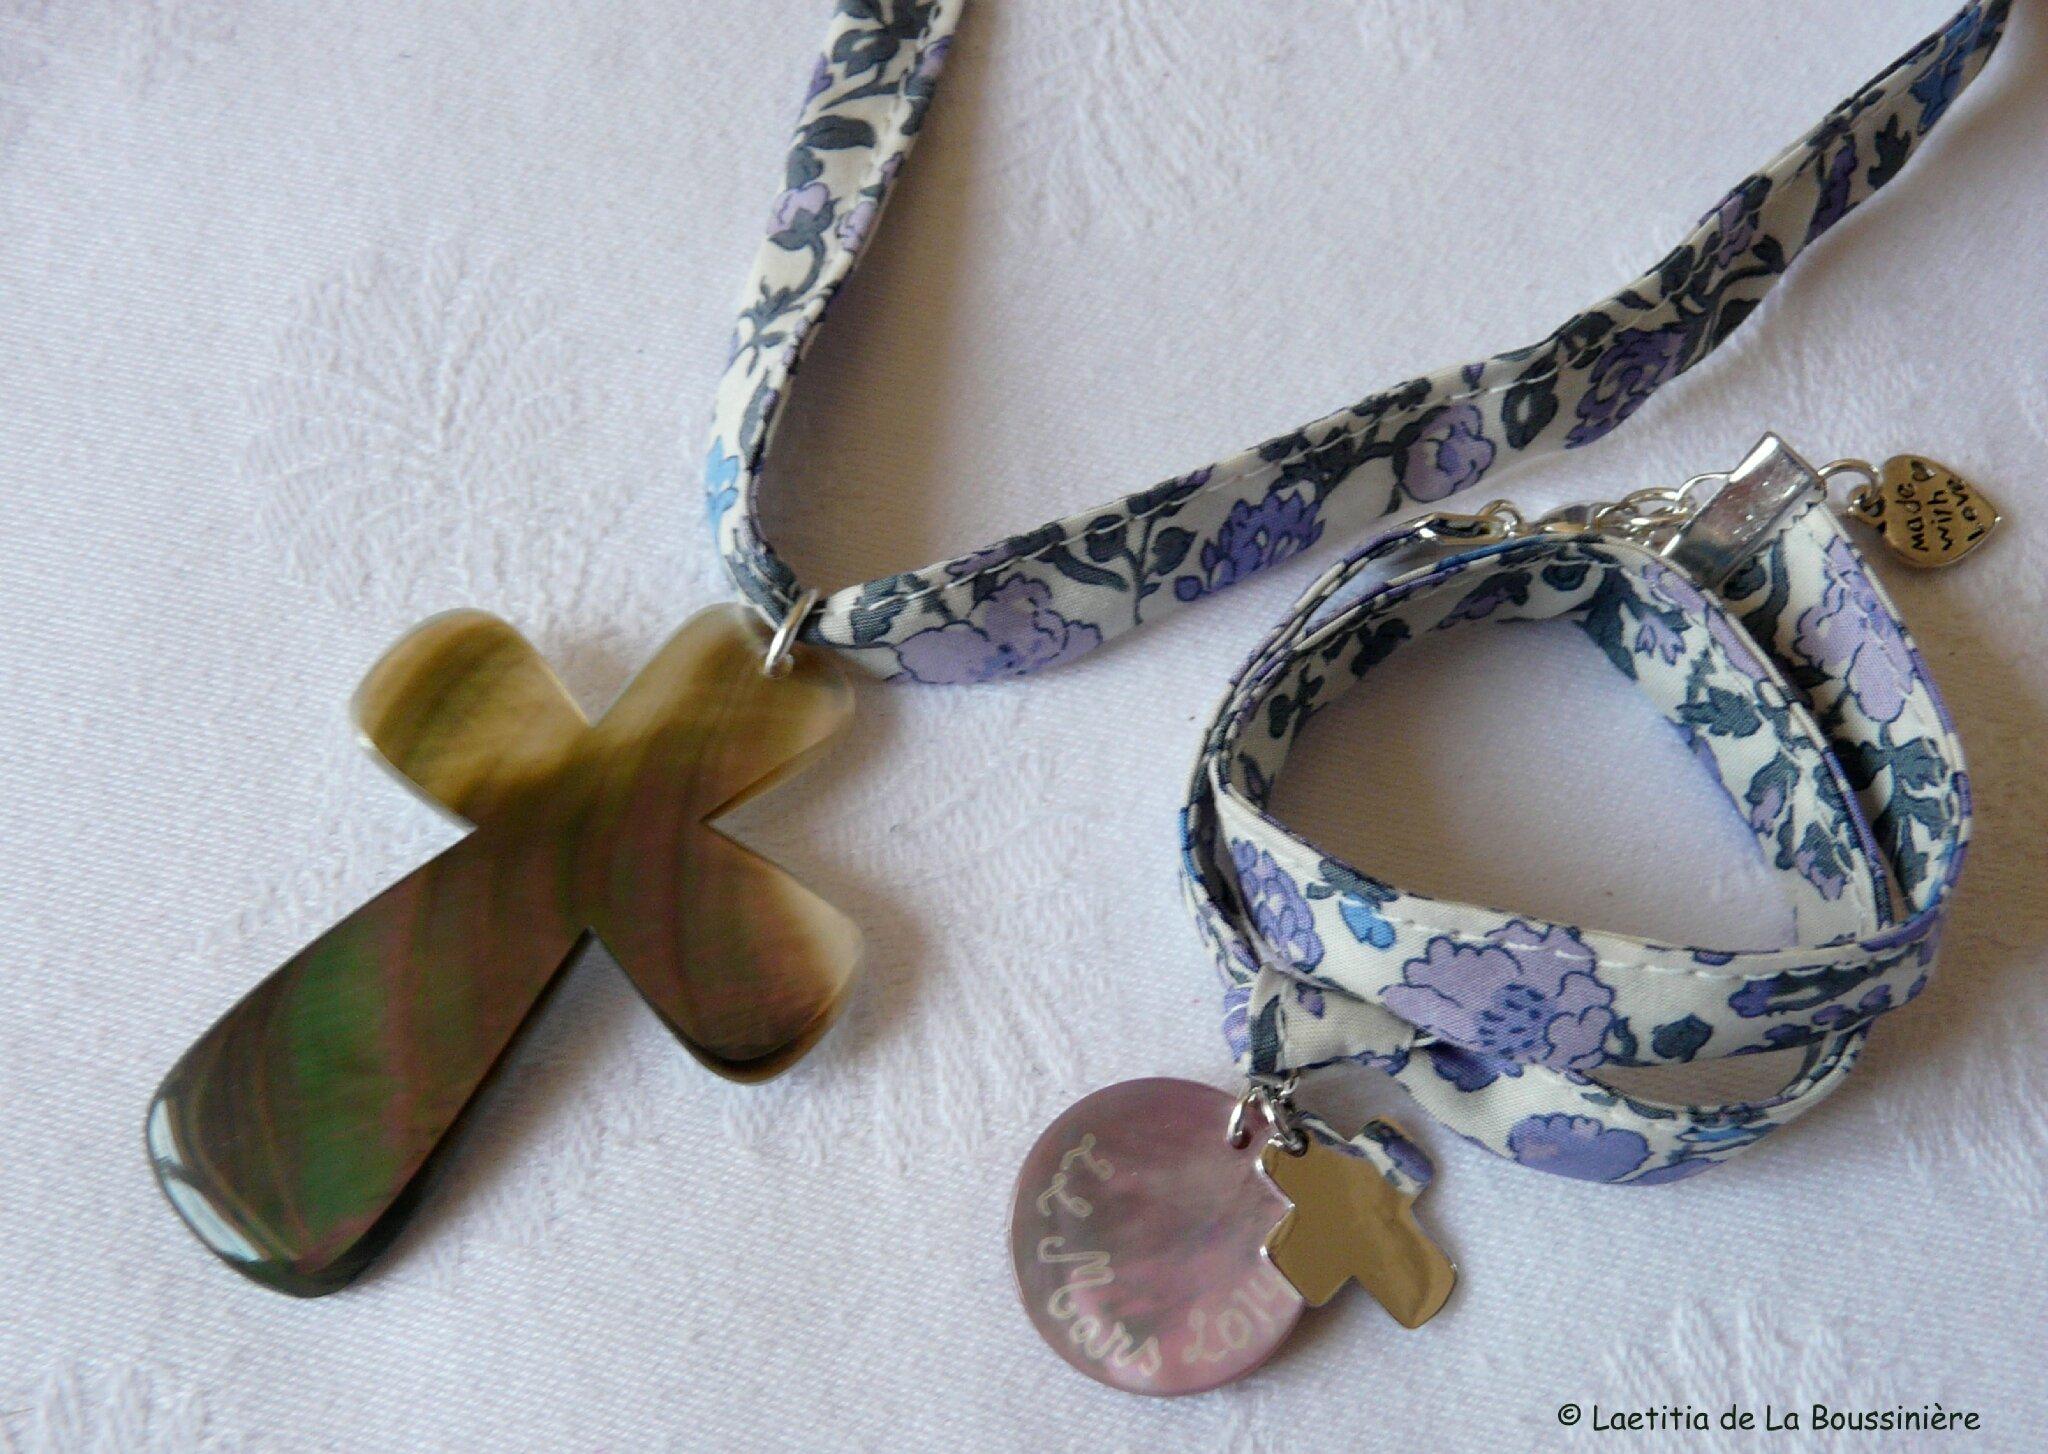 Croix de nacre sur ruban et bracelet médaille en nacre et Croix 17mm en argent massif - Copie